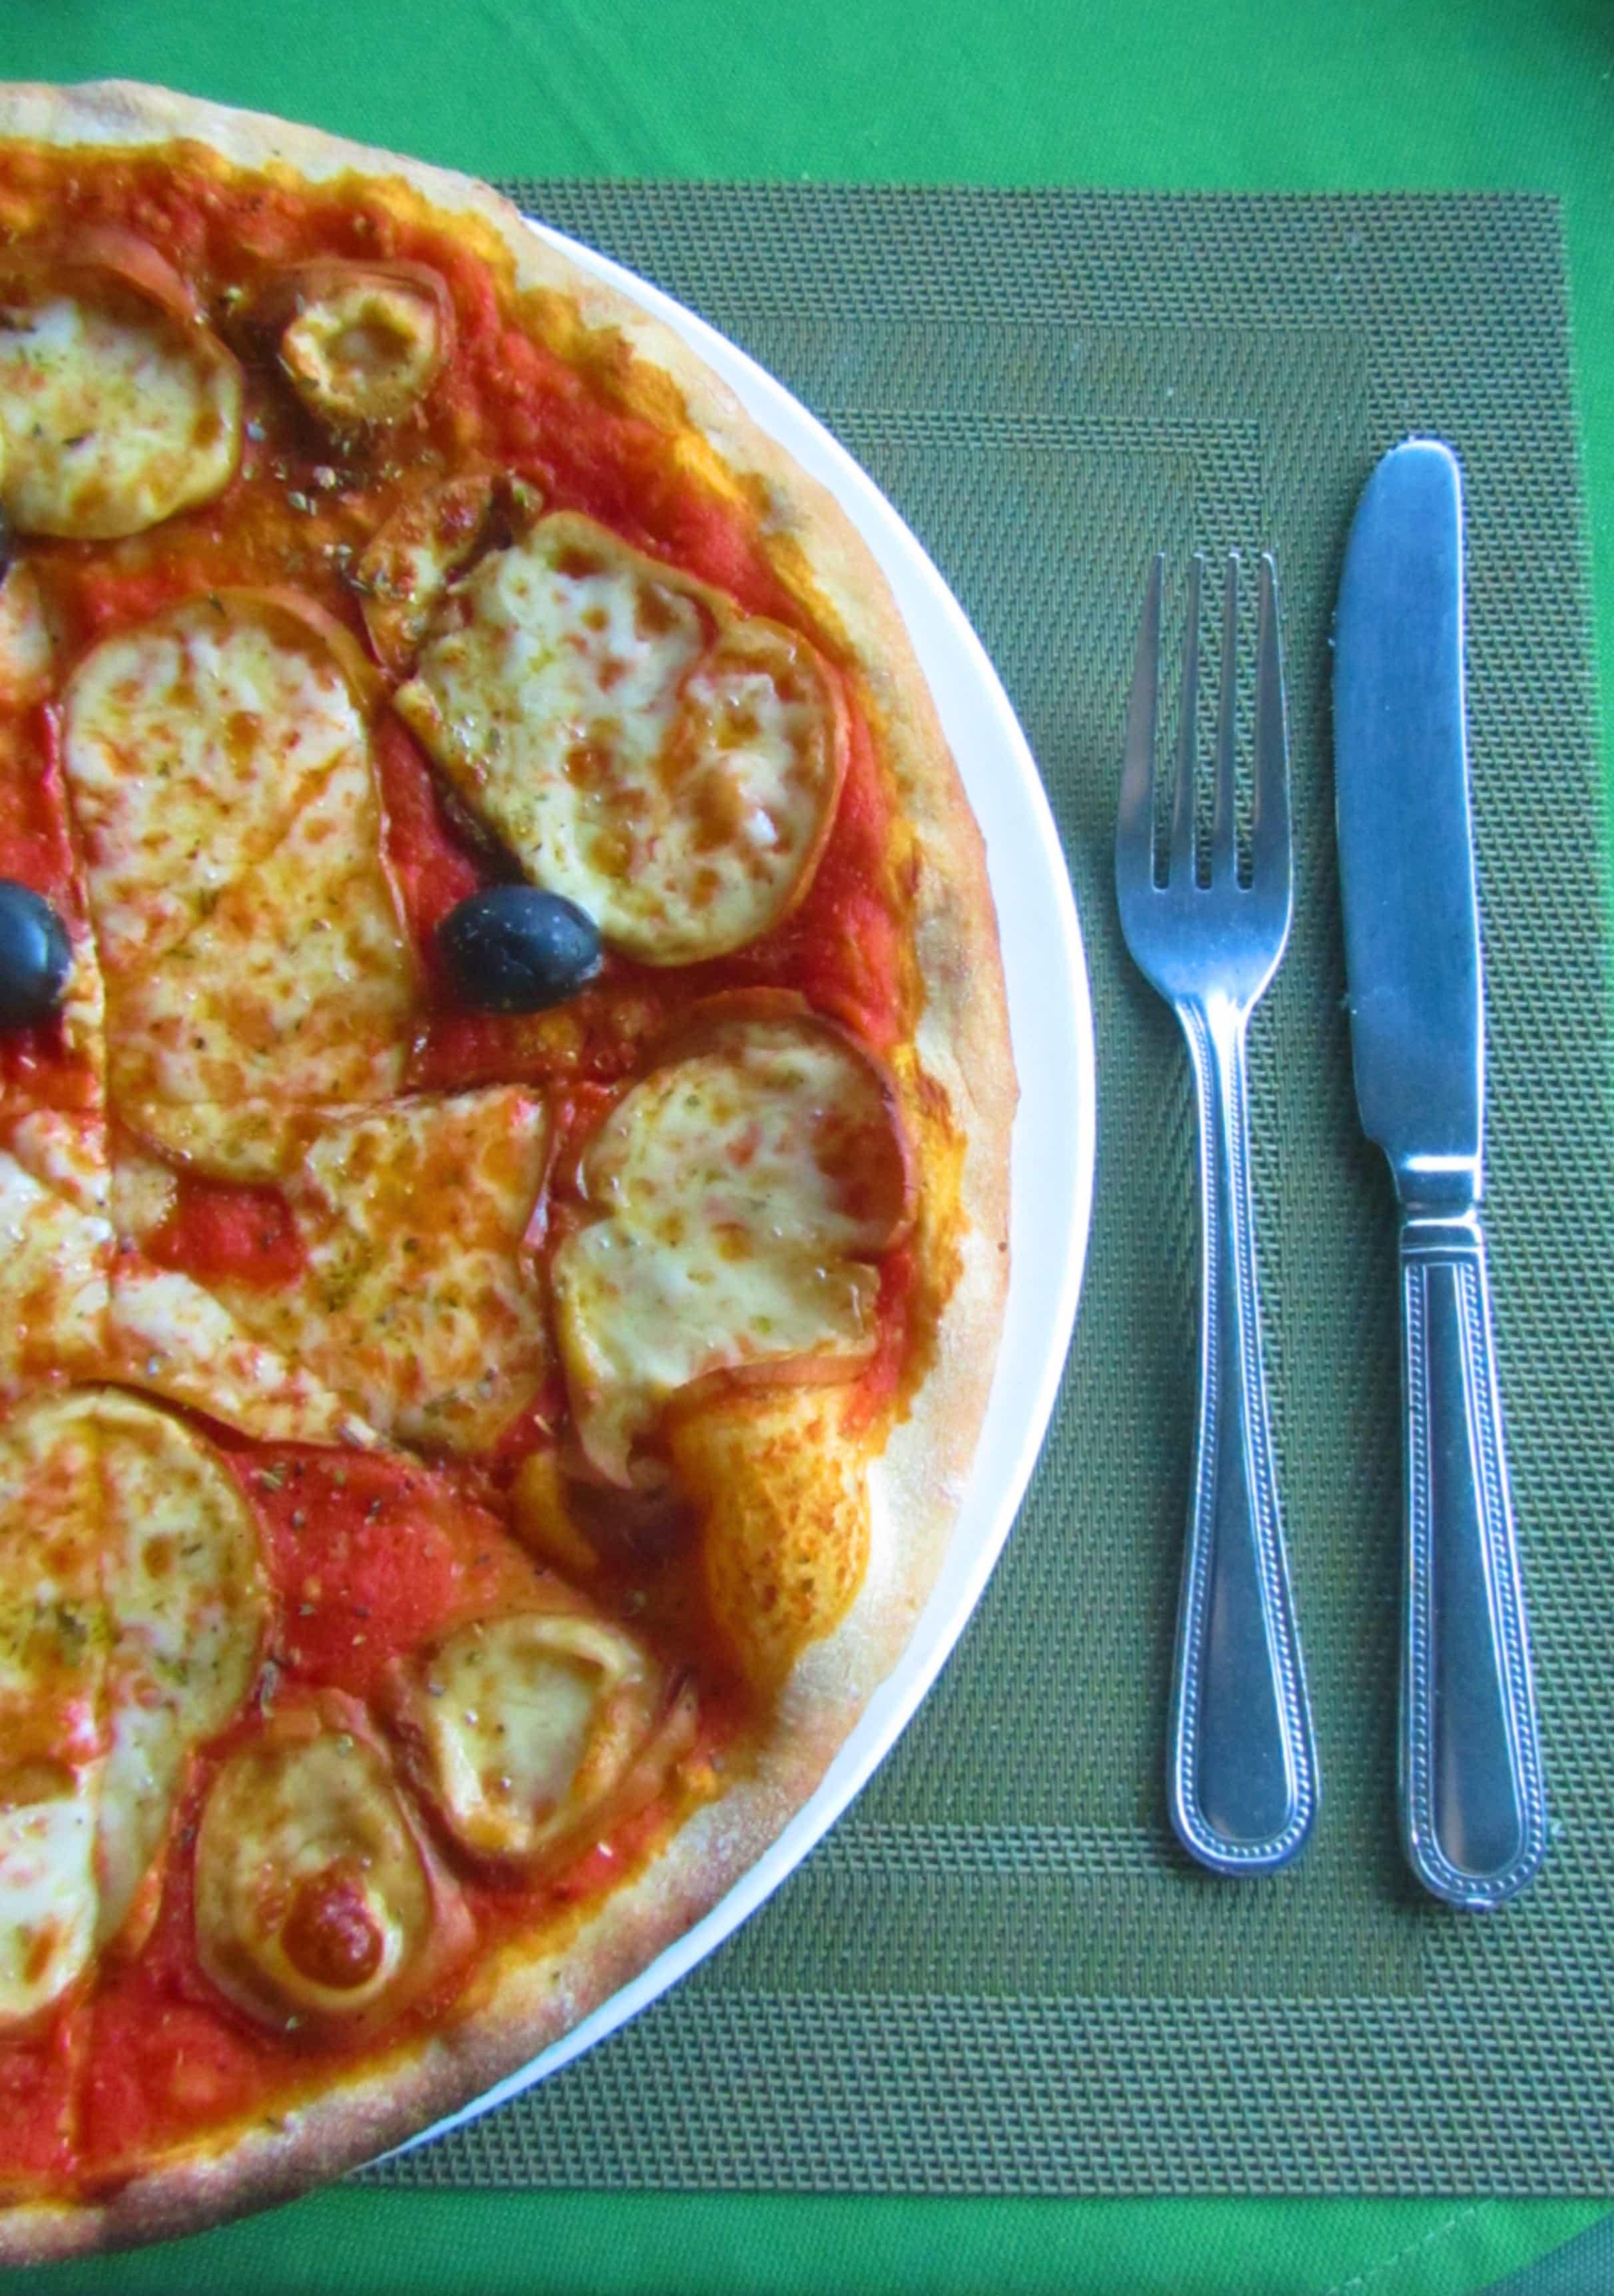 פיצה עם גבינה מעושנת - אחרי הרבה אוכל מקומי אני מבטיח שתרצו פיצה